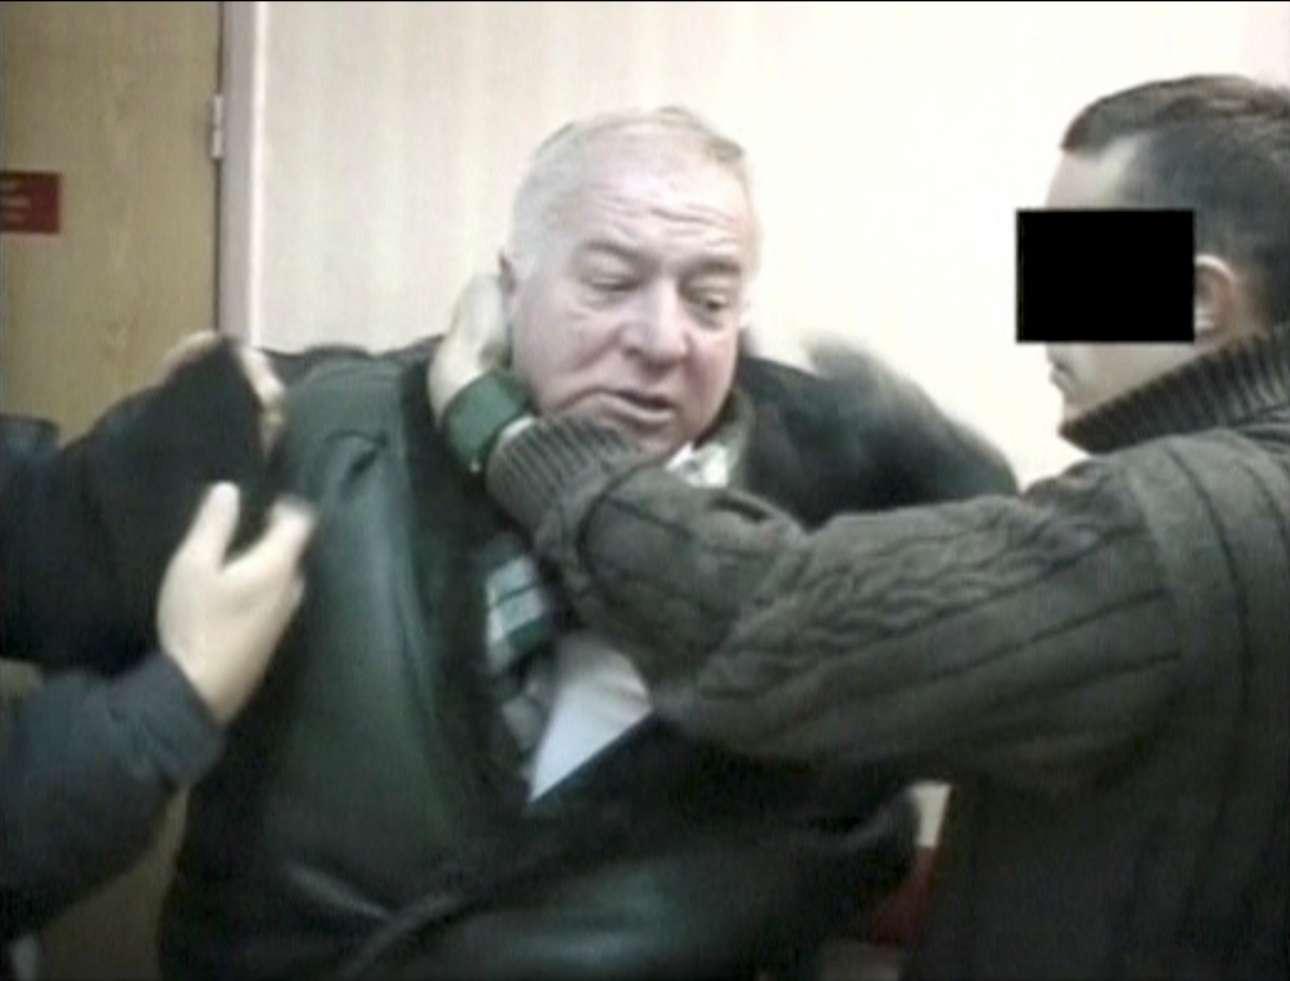 Στιγμιότυπο από παλαιό βίντεο που δείχνει τον Σκριπάλ να συλλαμβάνεται από πράκτορες (φωτό: RTR/via Reuters)